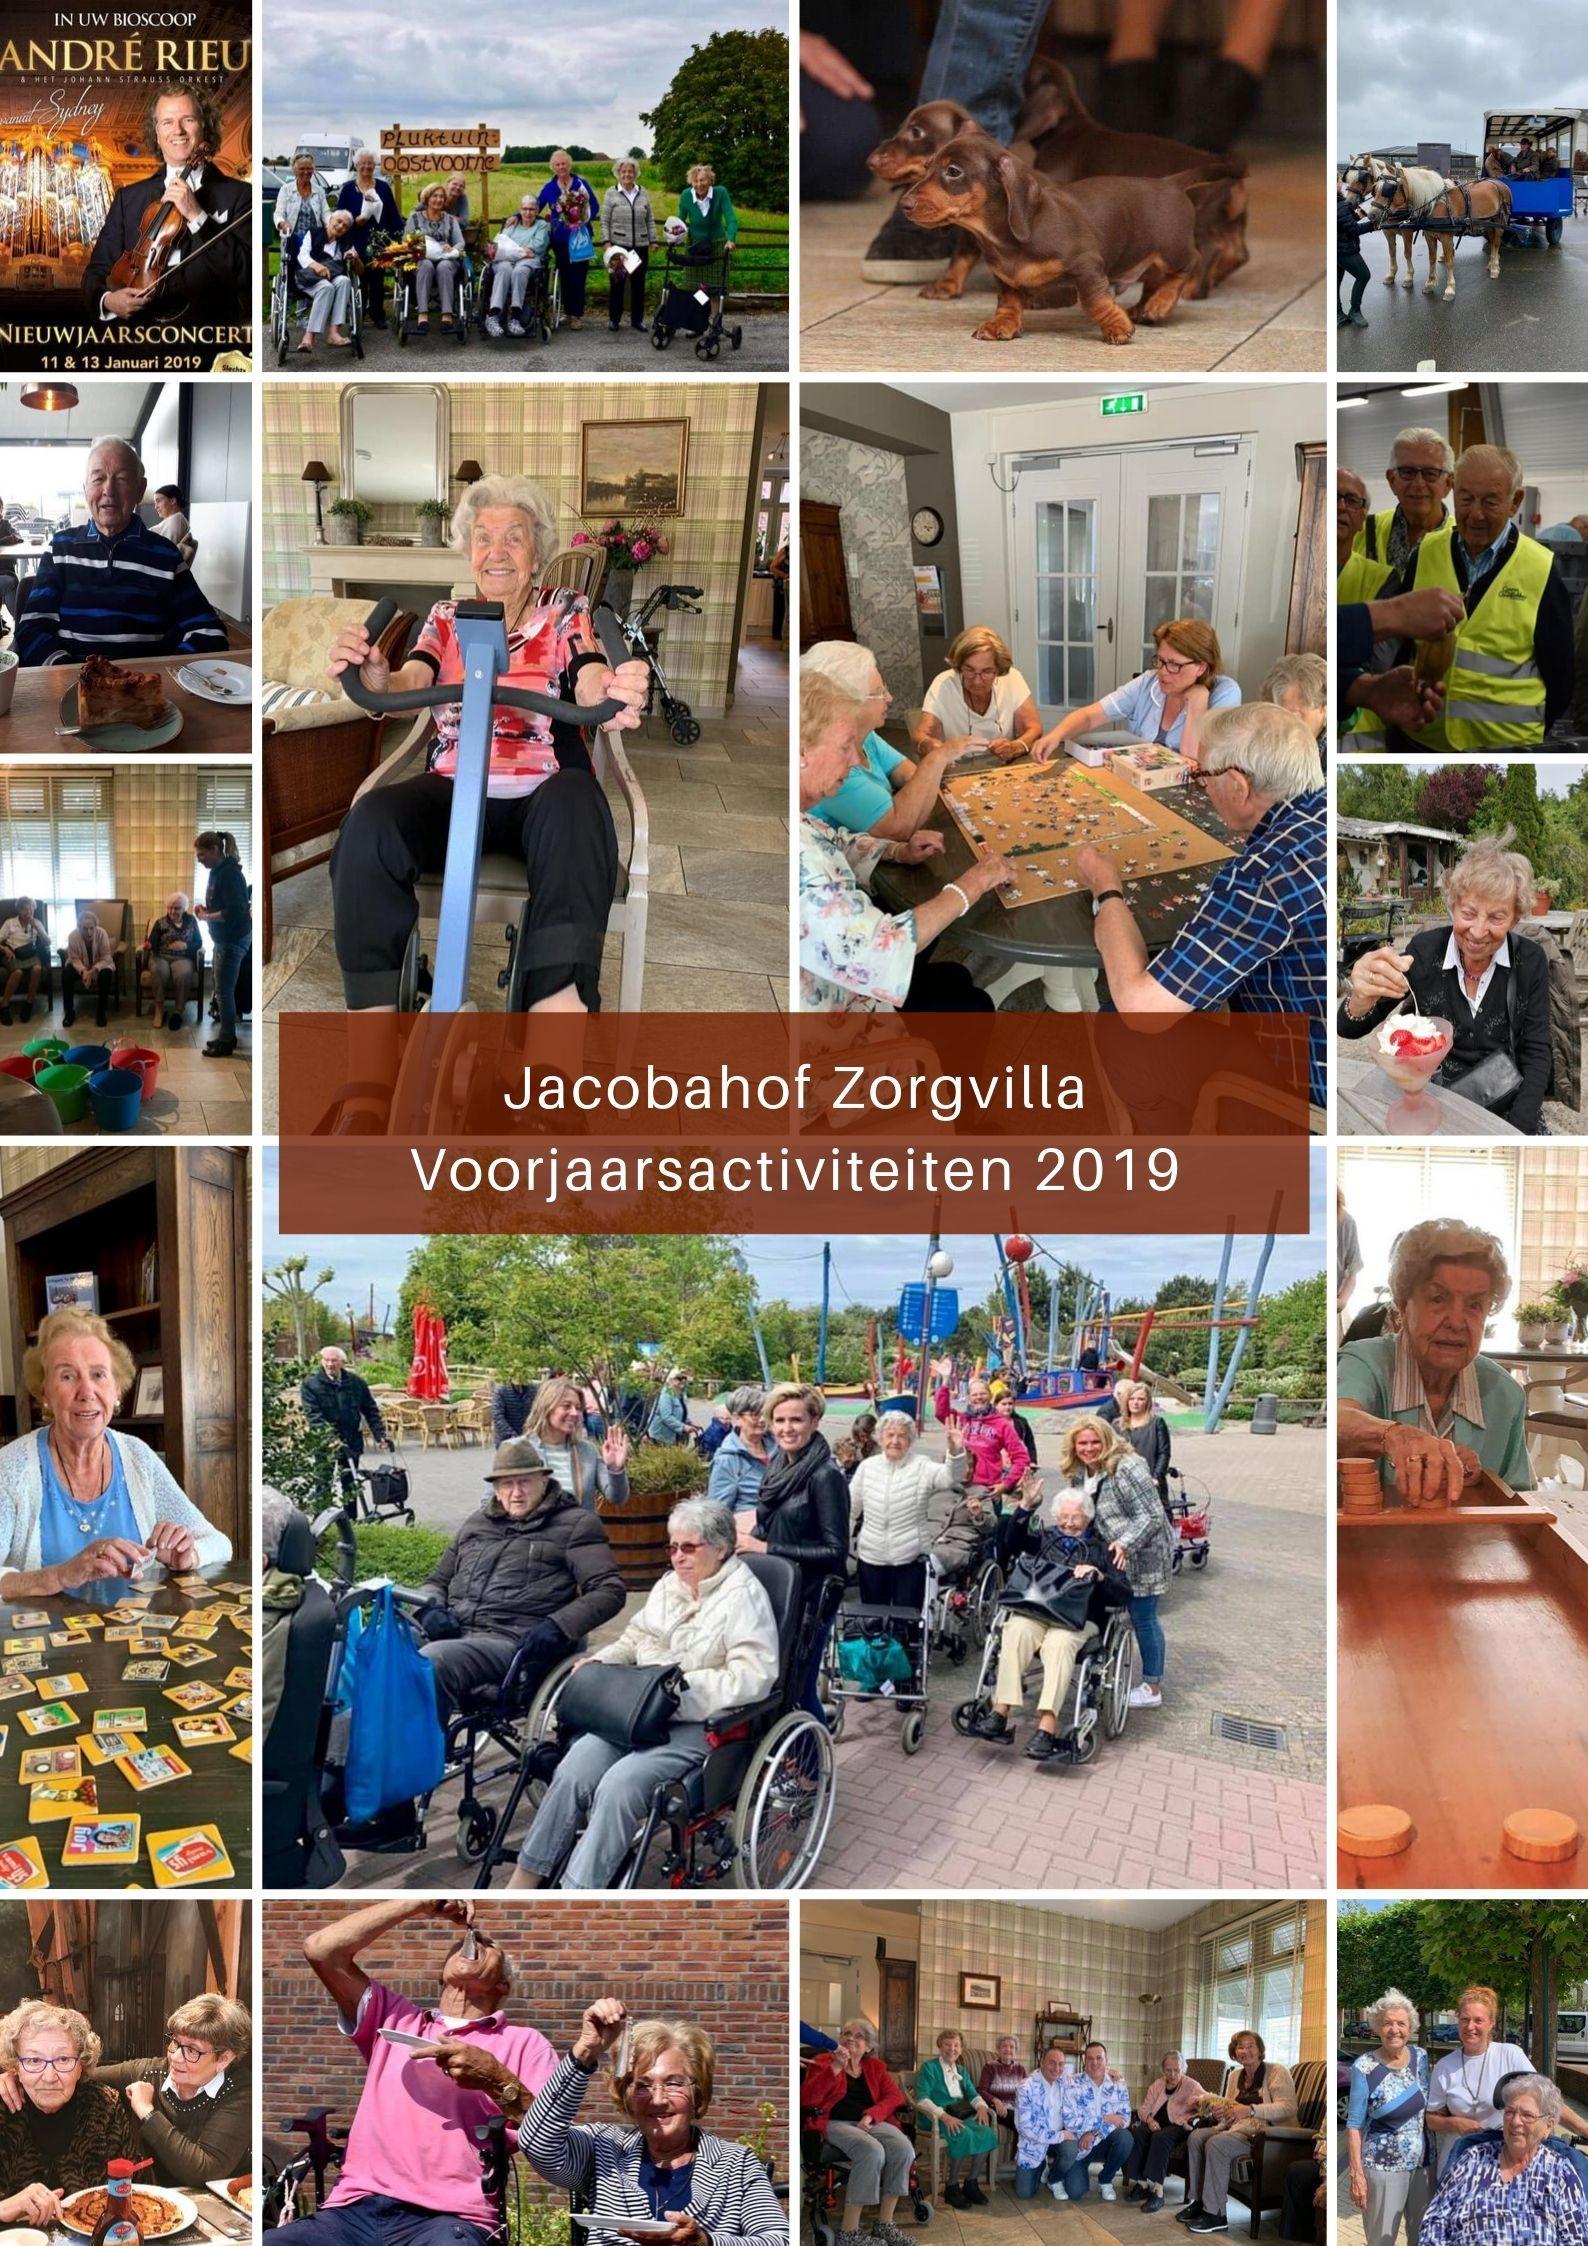 Voorjaarsactiviteiten Jacobahof zoargvilla